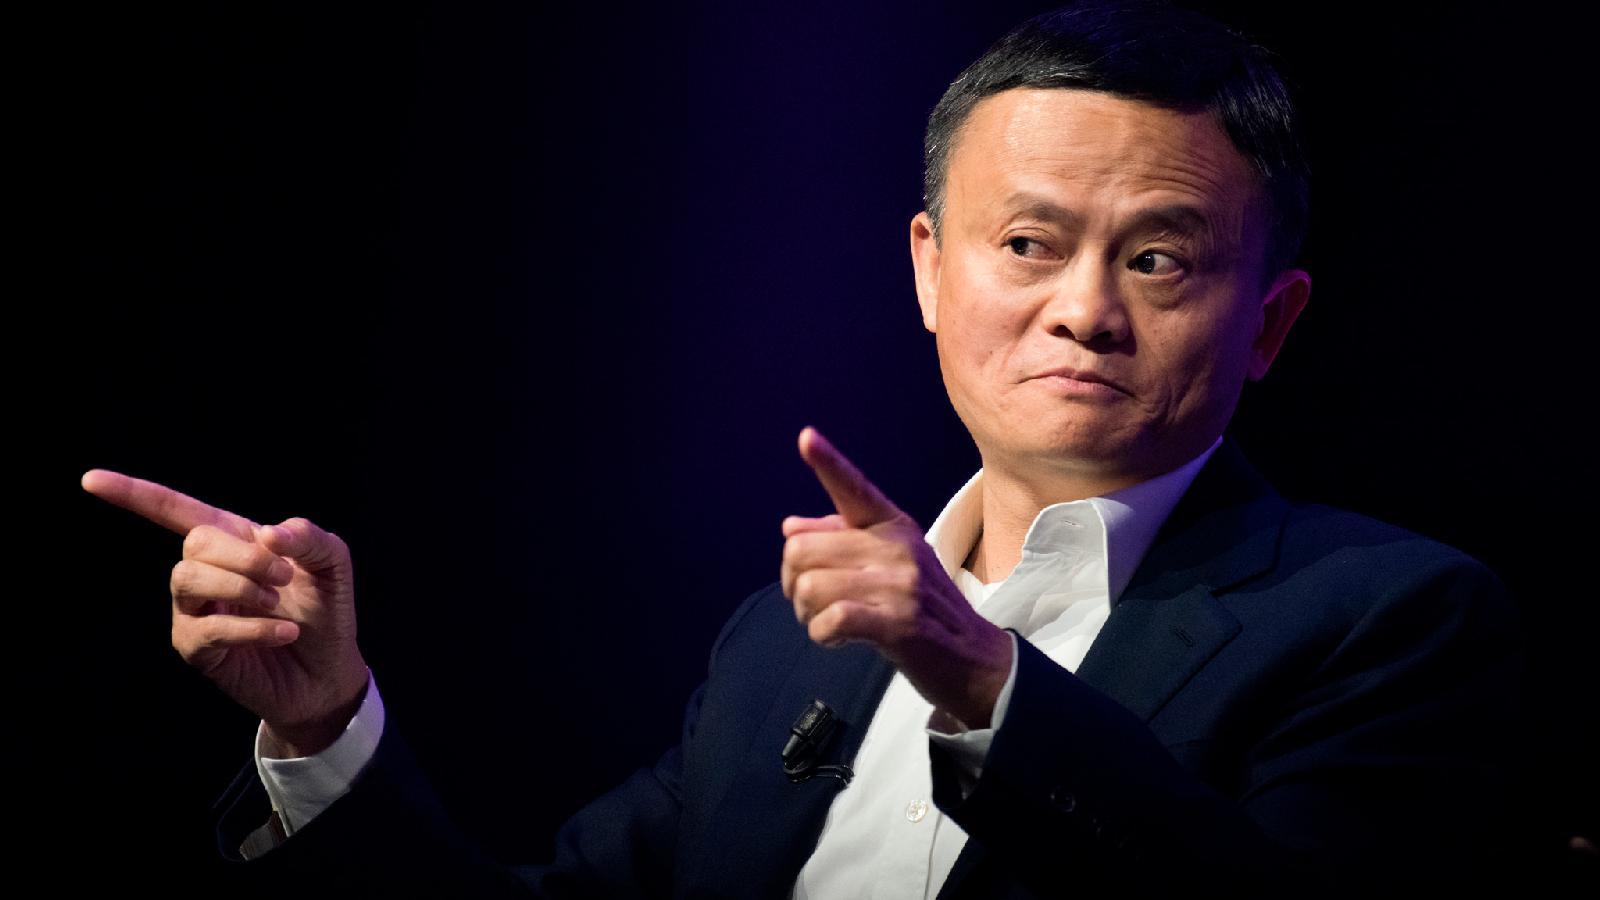 Джек Ма, донедавних пор владелец гиганта электронной торговли Alibaba, купил последнюю жемчужину свободной прессы Гонконга — South China Morning Post